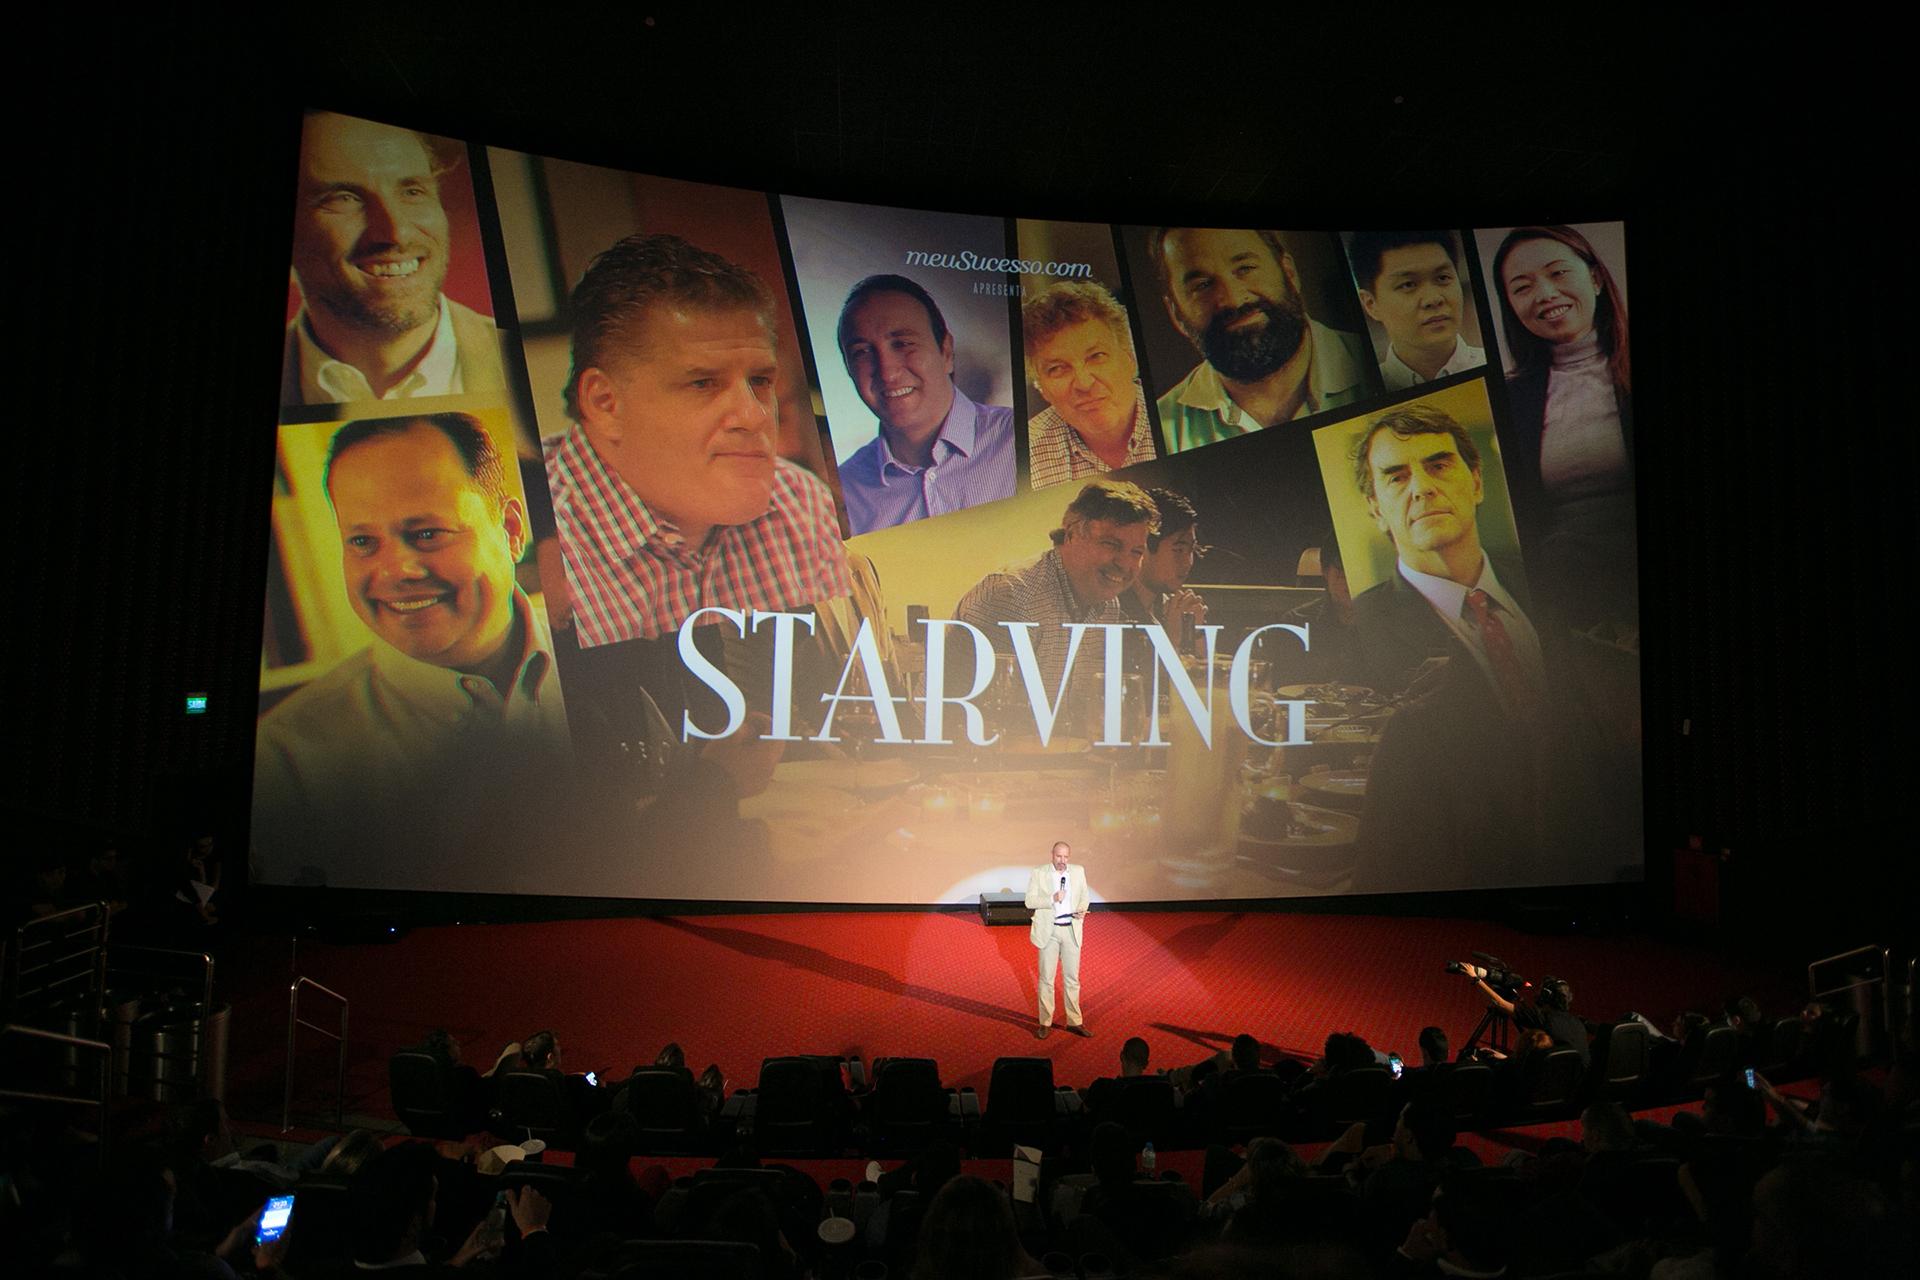 [VÍDEO] Série Starving estreia no Cinépolis com sala lotada